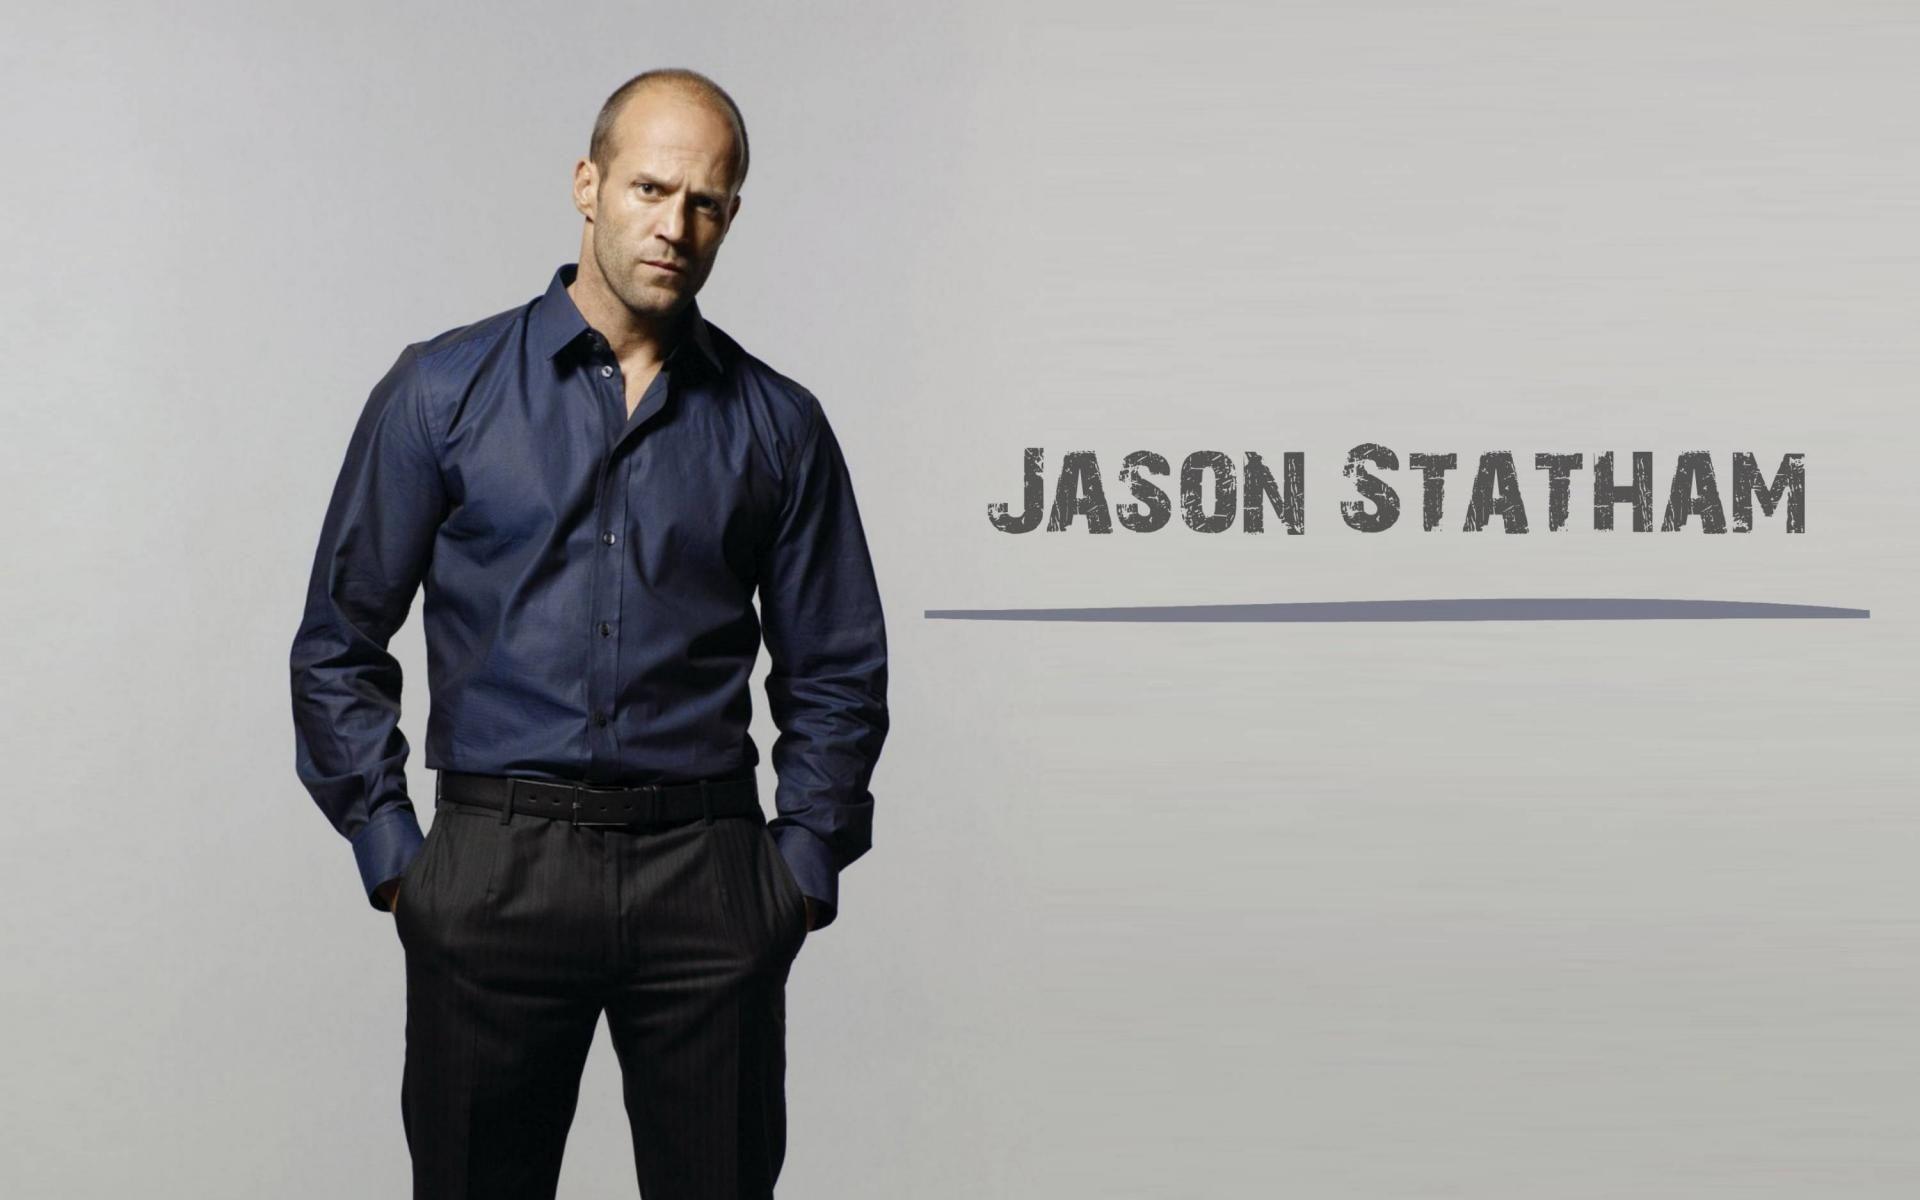 Jason Statham Background